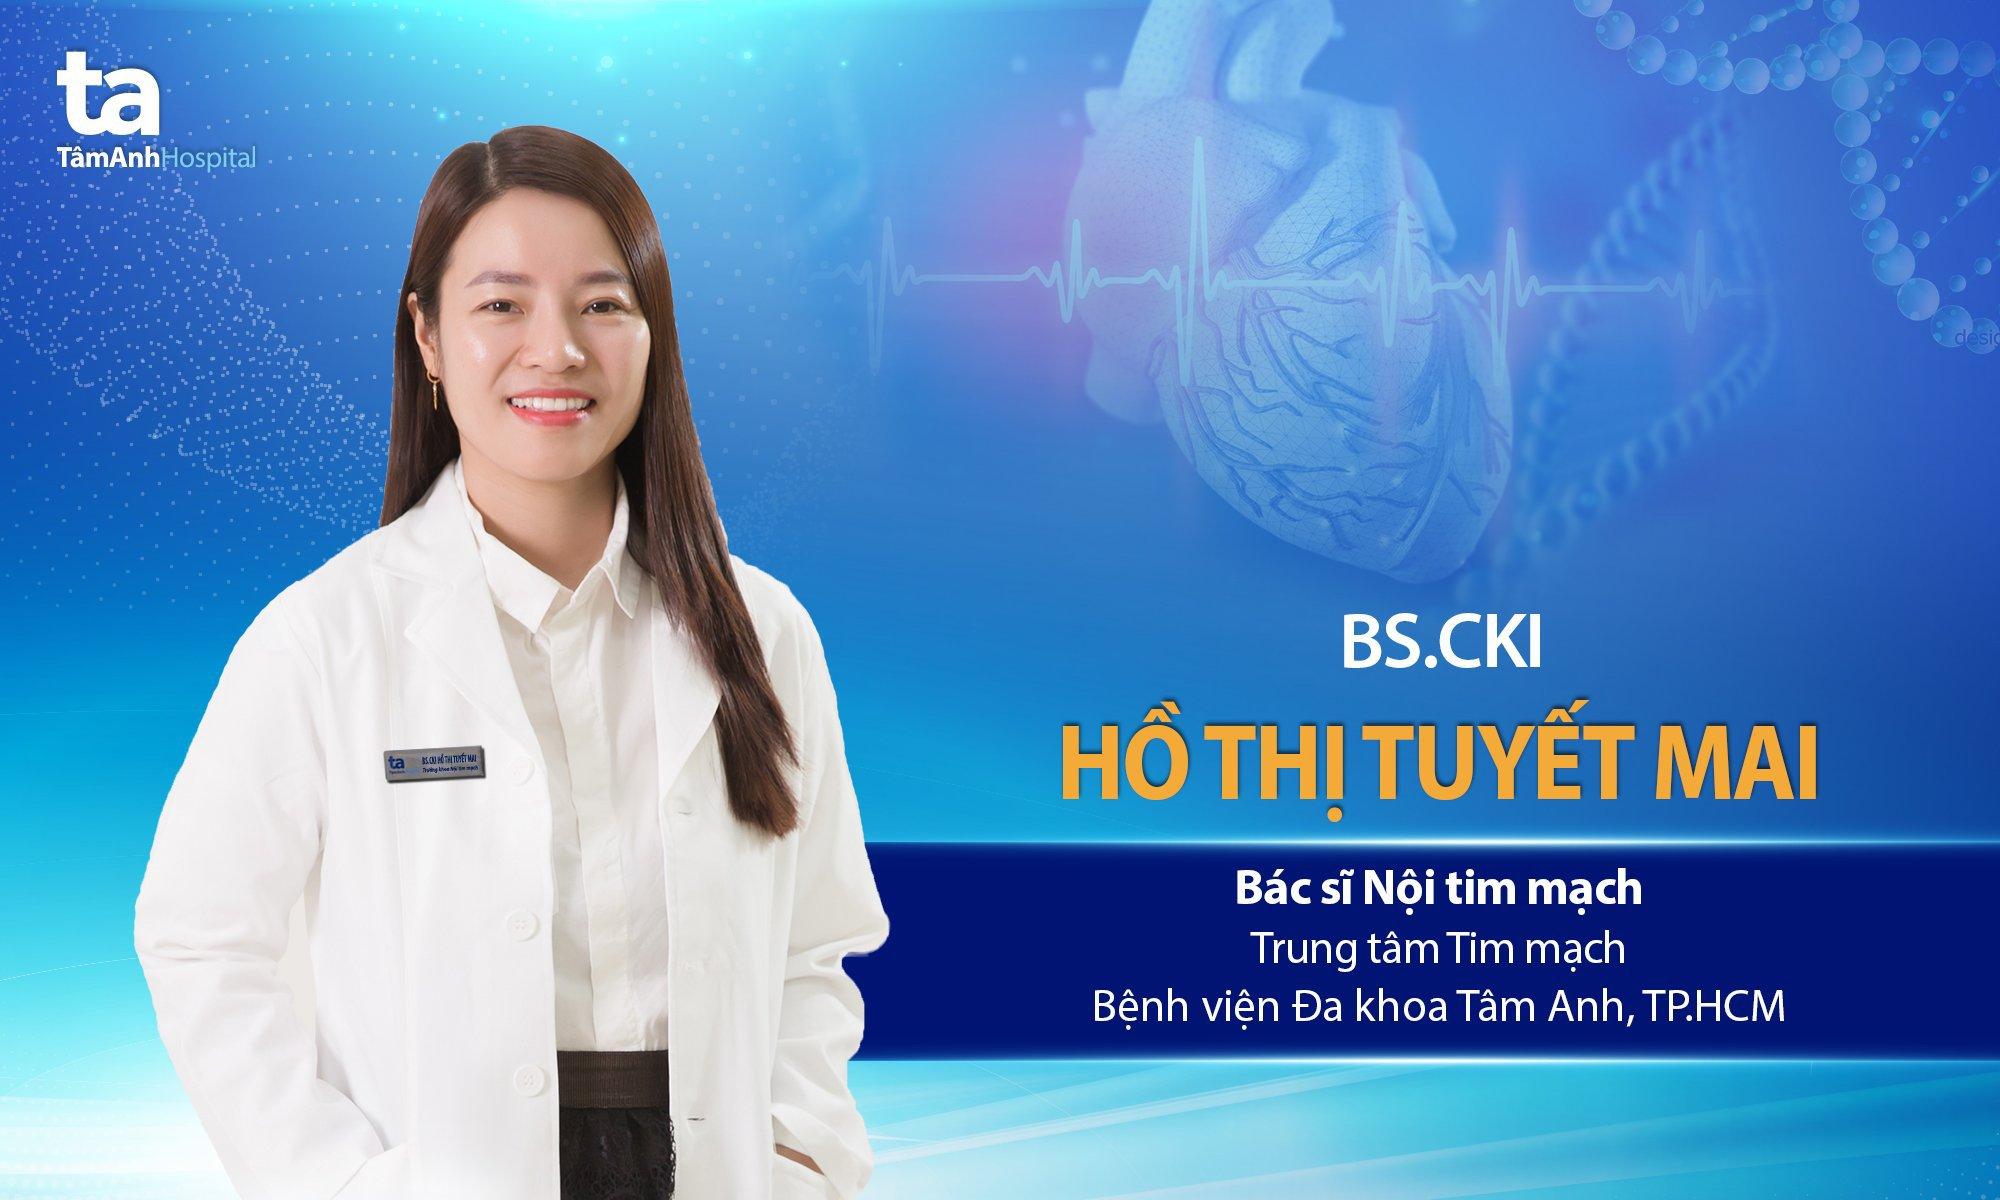 BS.CKI Hồ Thị Tuyết Mai